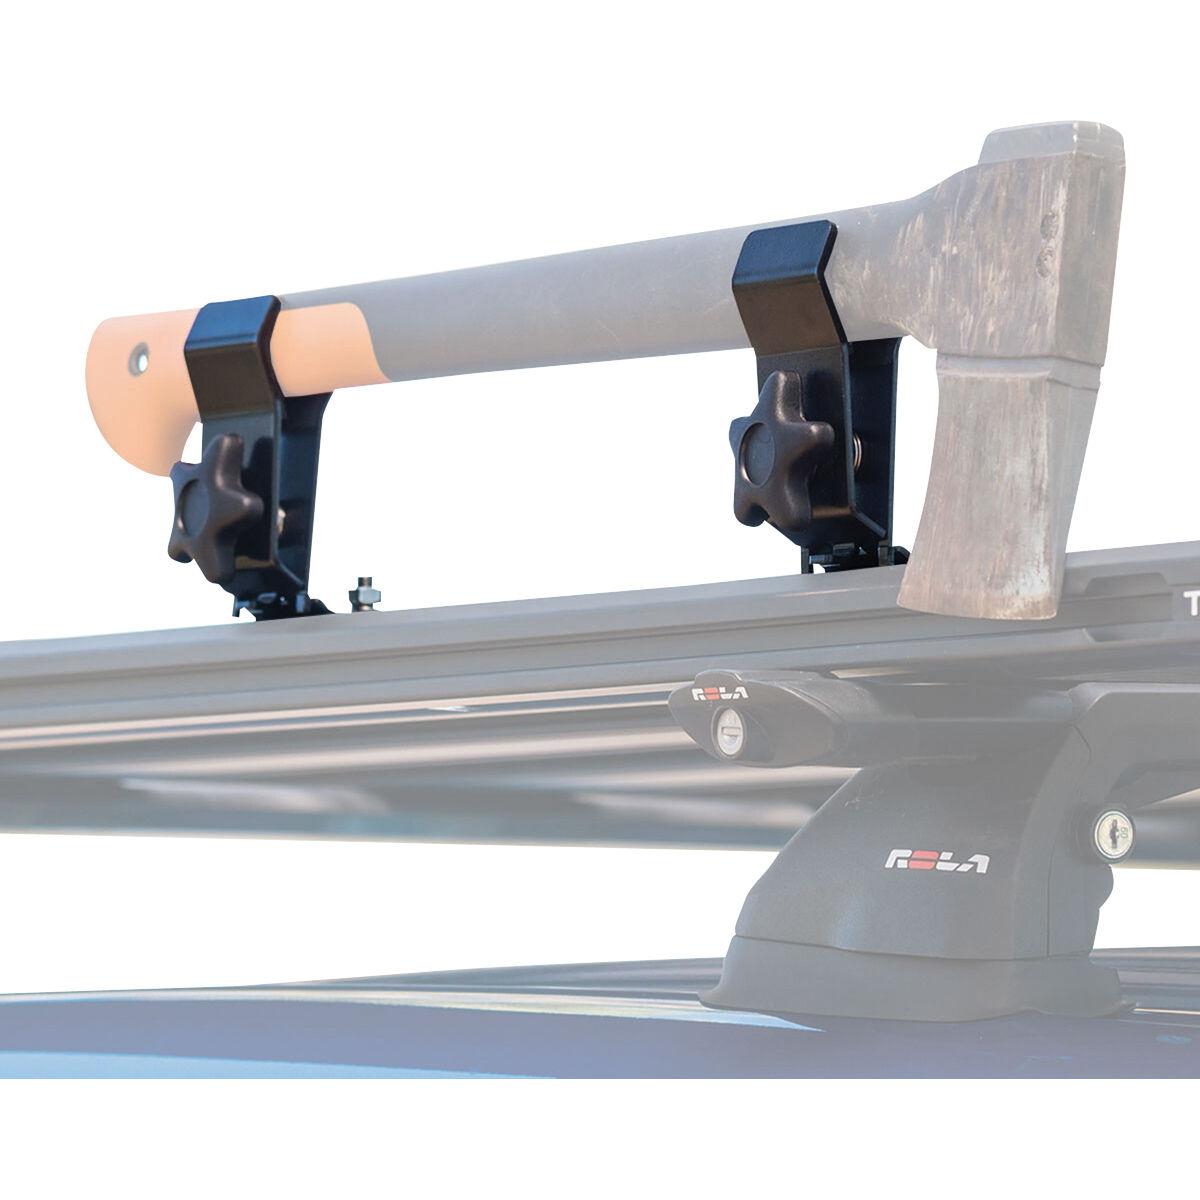 rola roof rack axe shovel holder multifit